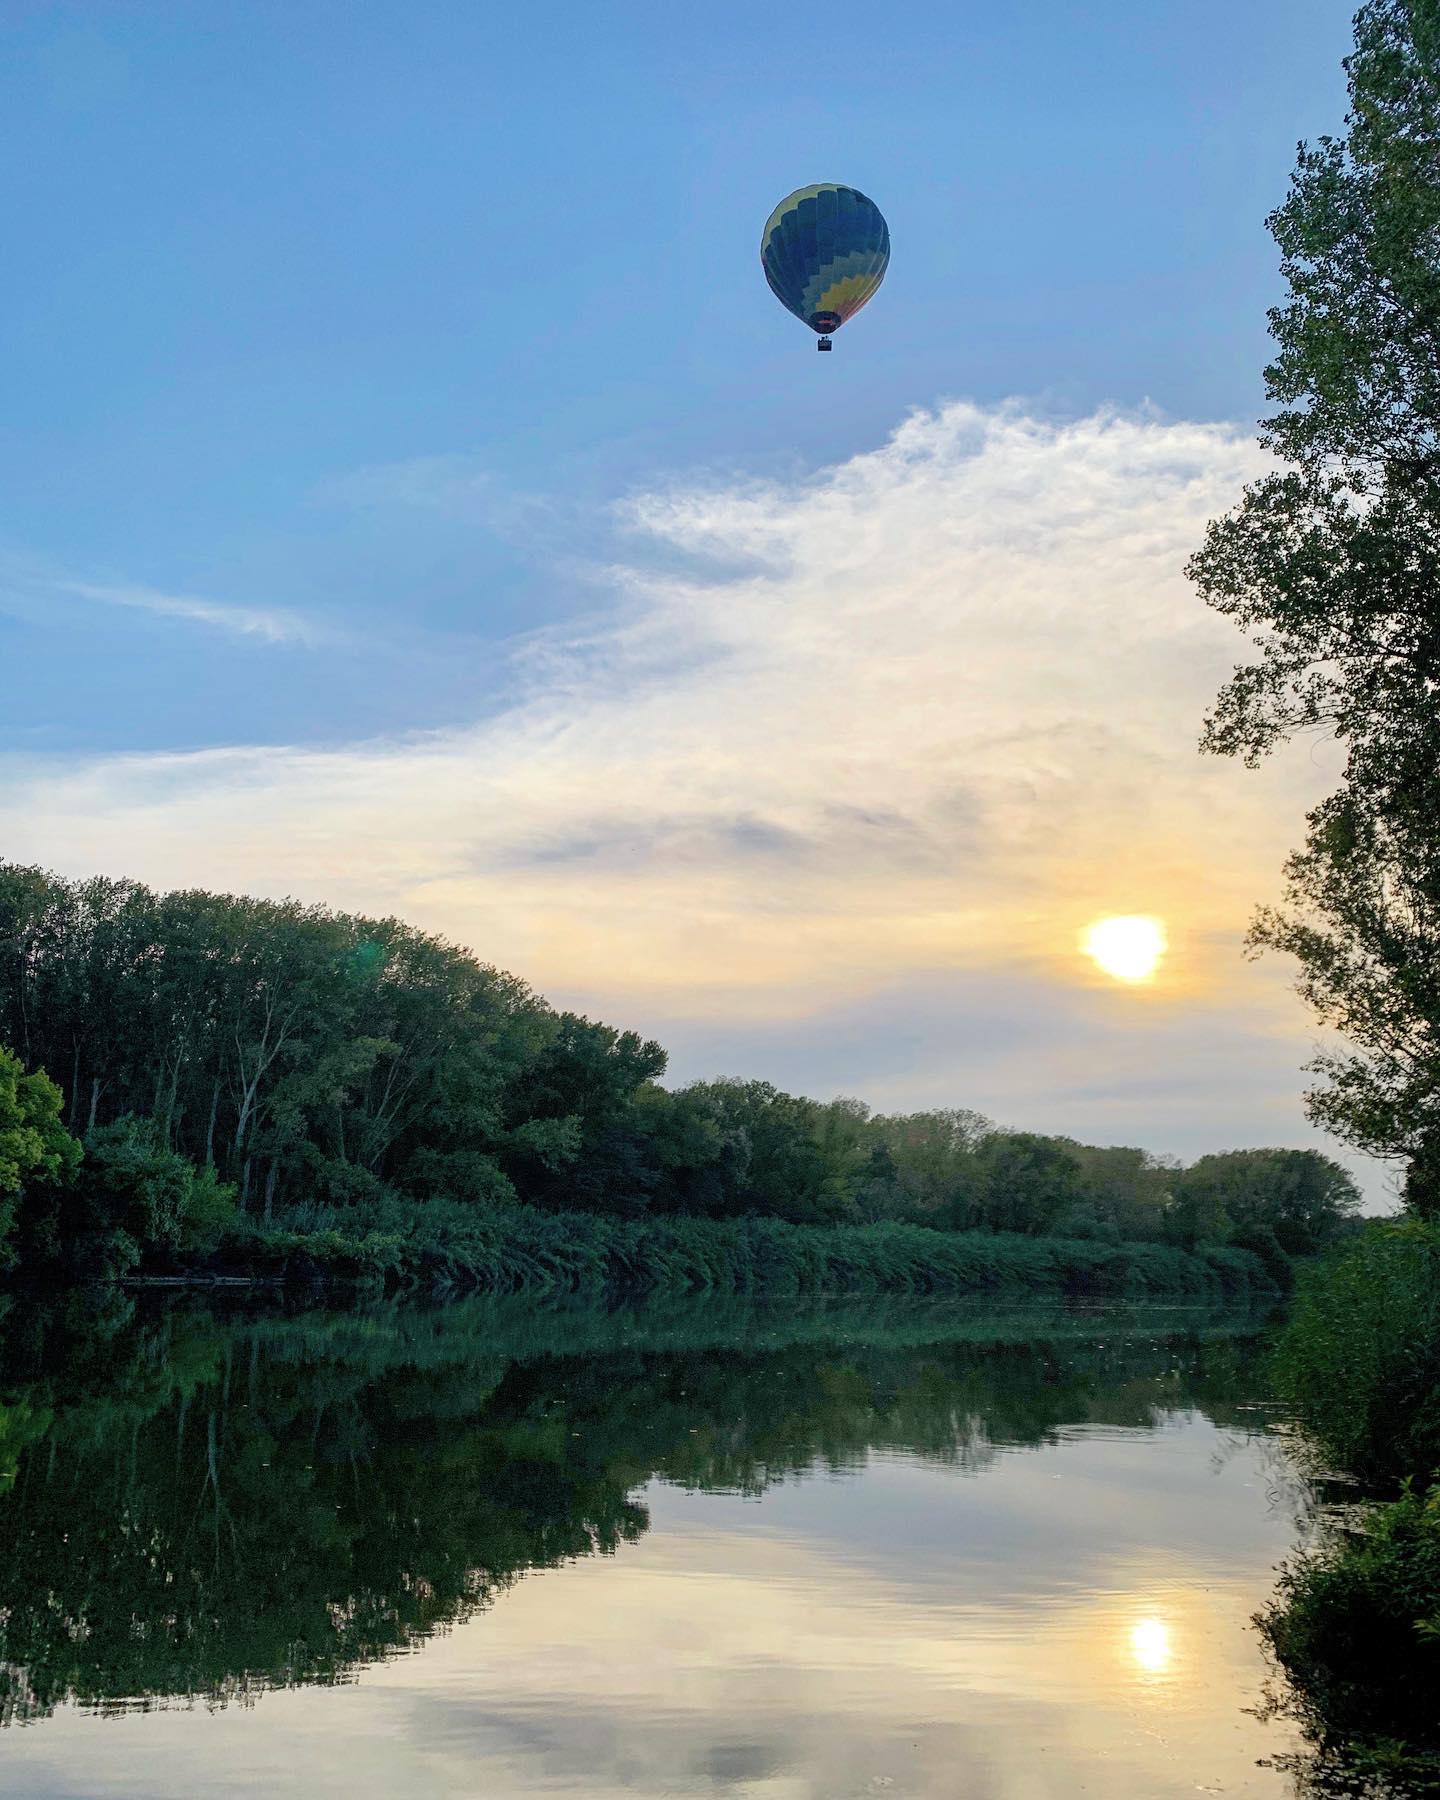 slopex   Balloon   sunset at Fluvià